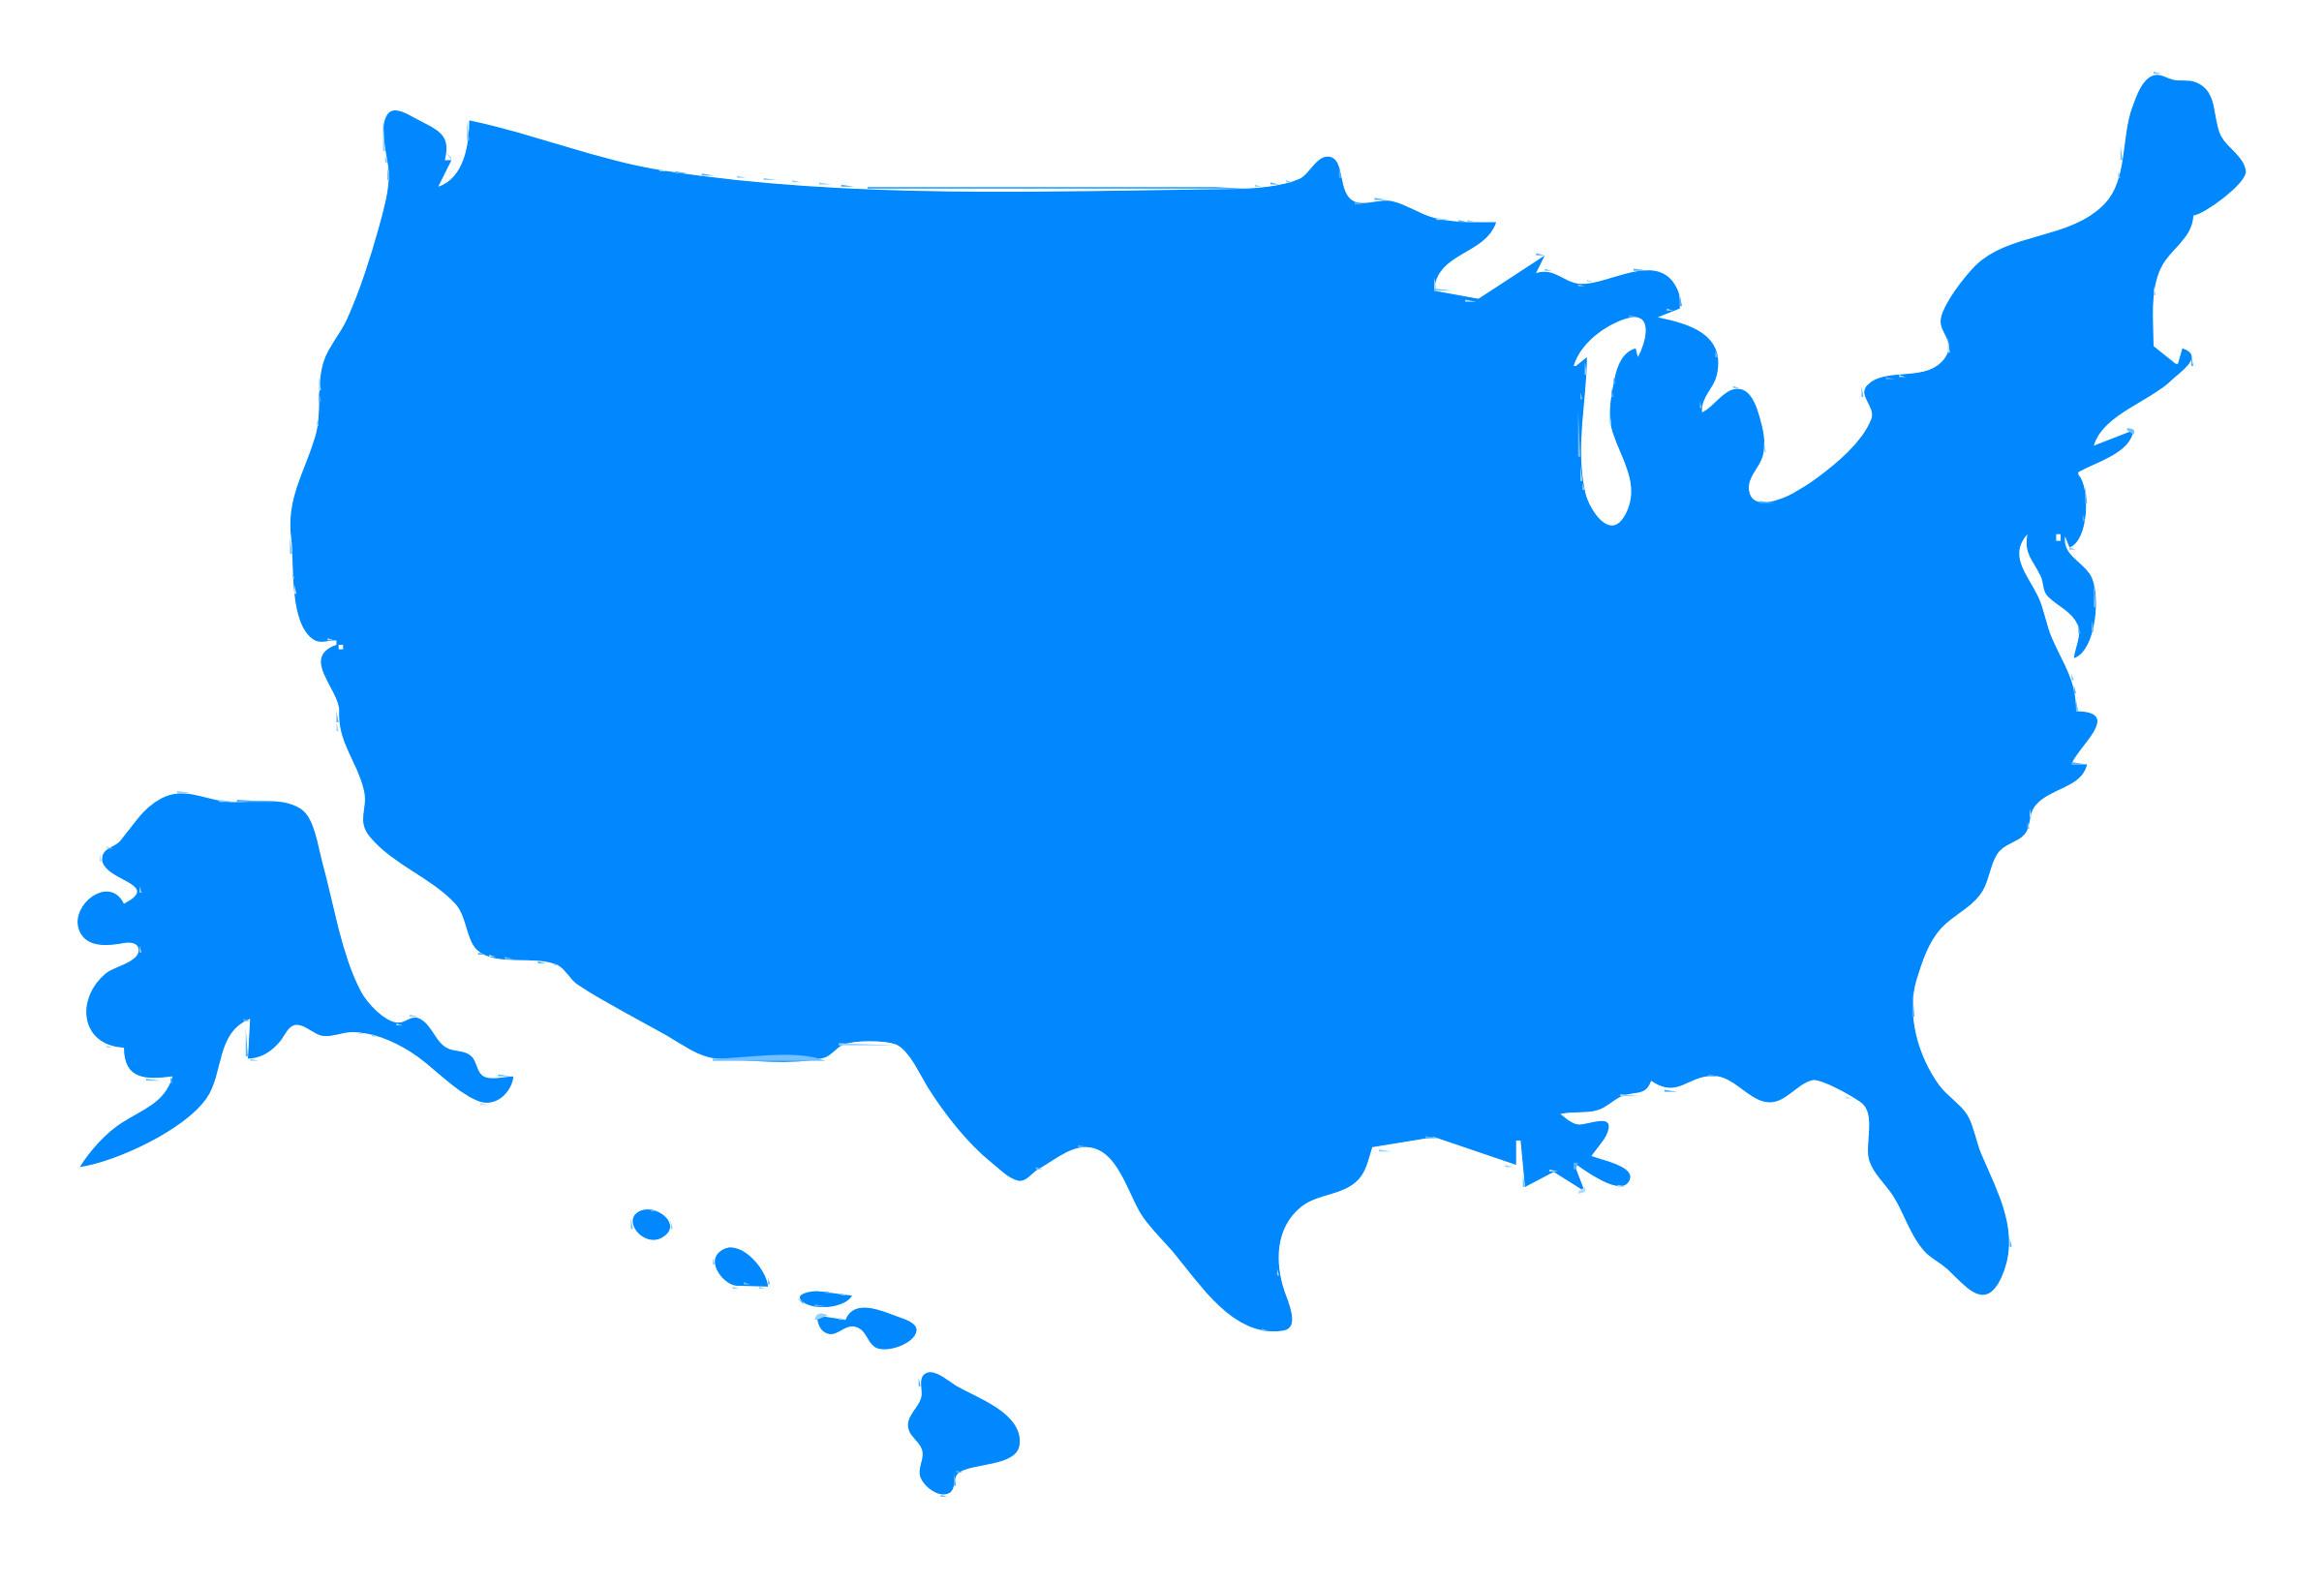 2400x1636 Clipart Usa Map Silhouette Brilliant Us Clip Art